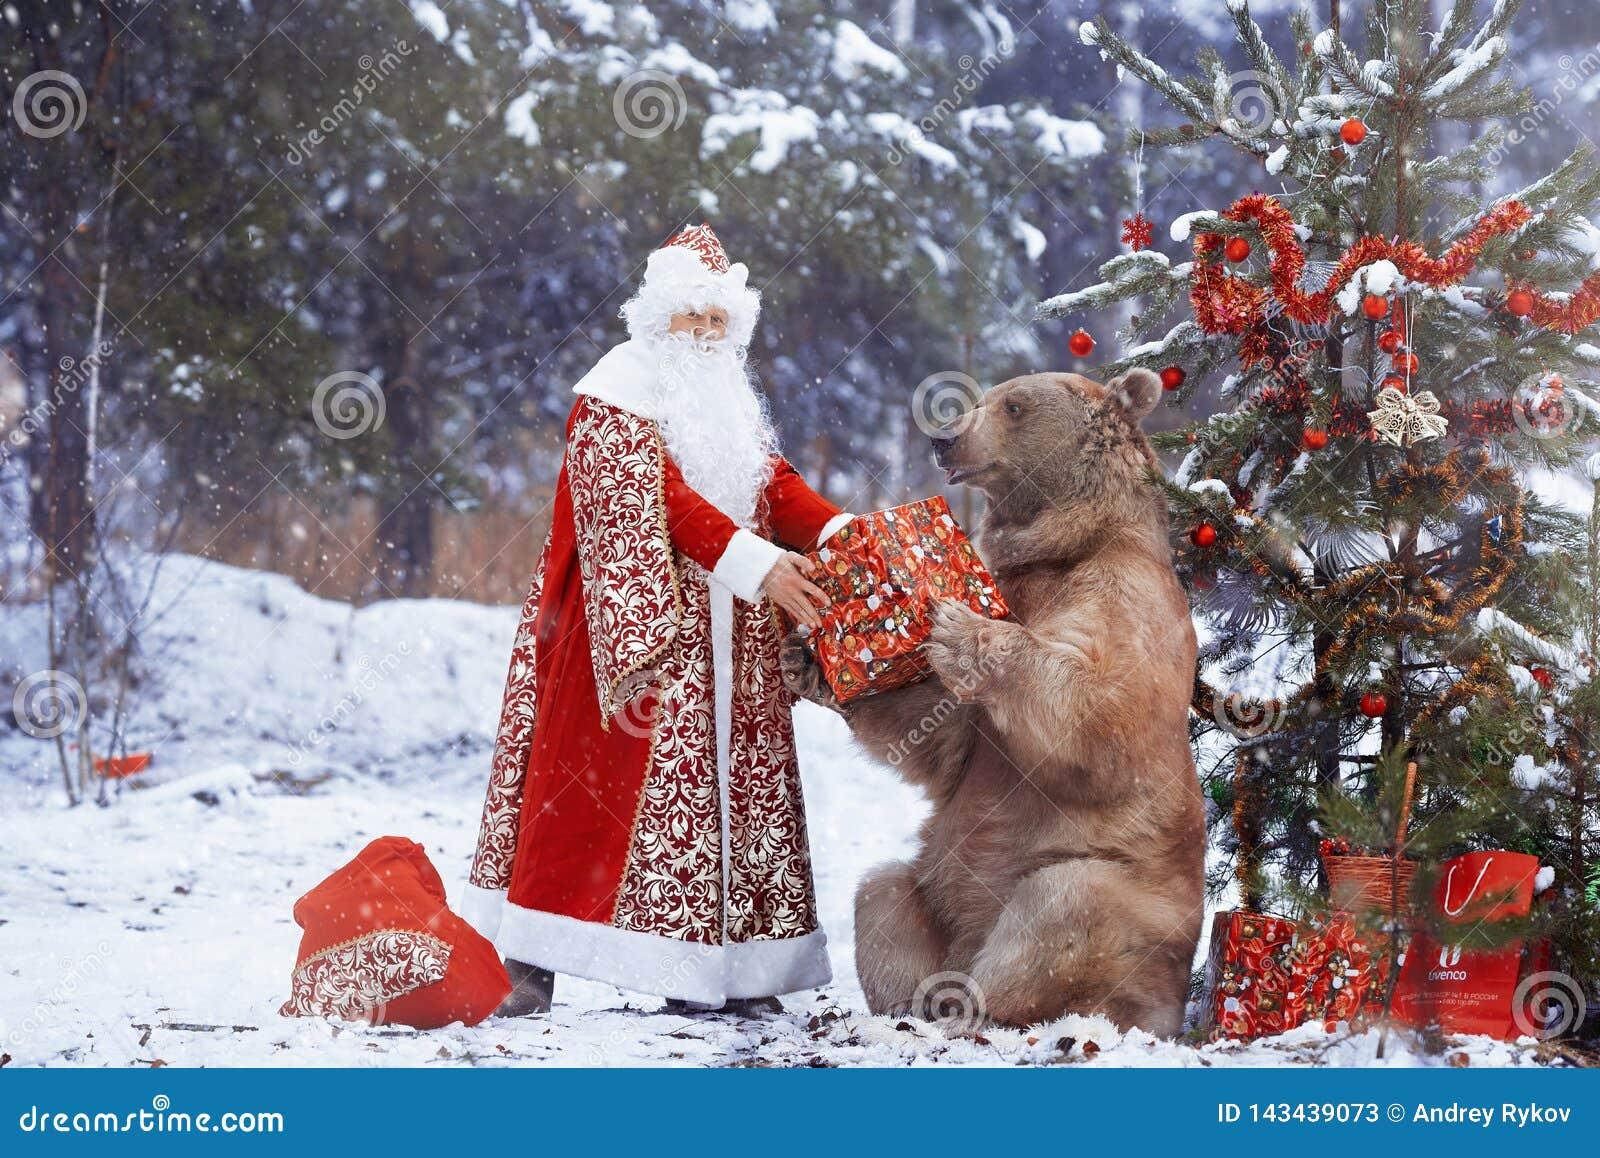 Santa Claus donne le cadeau de Noël à l ours brun